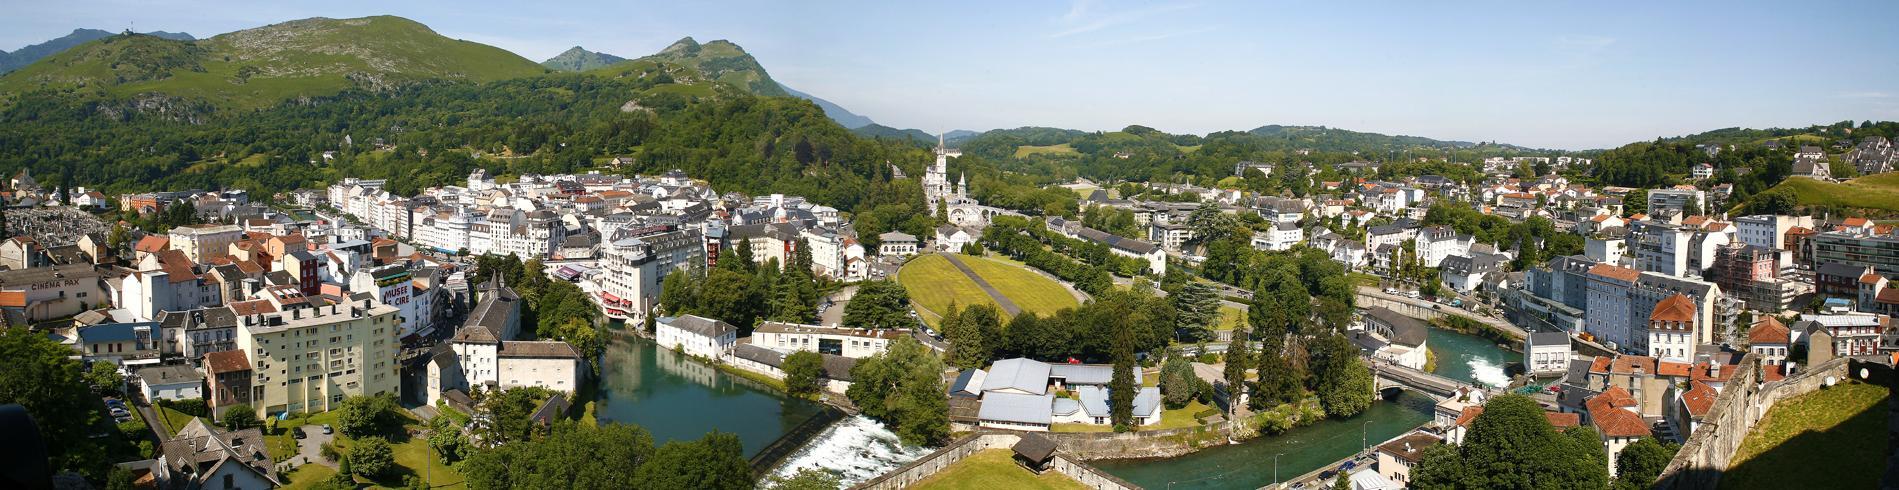 landscape around Lourdes